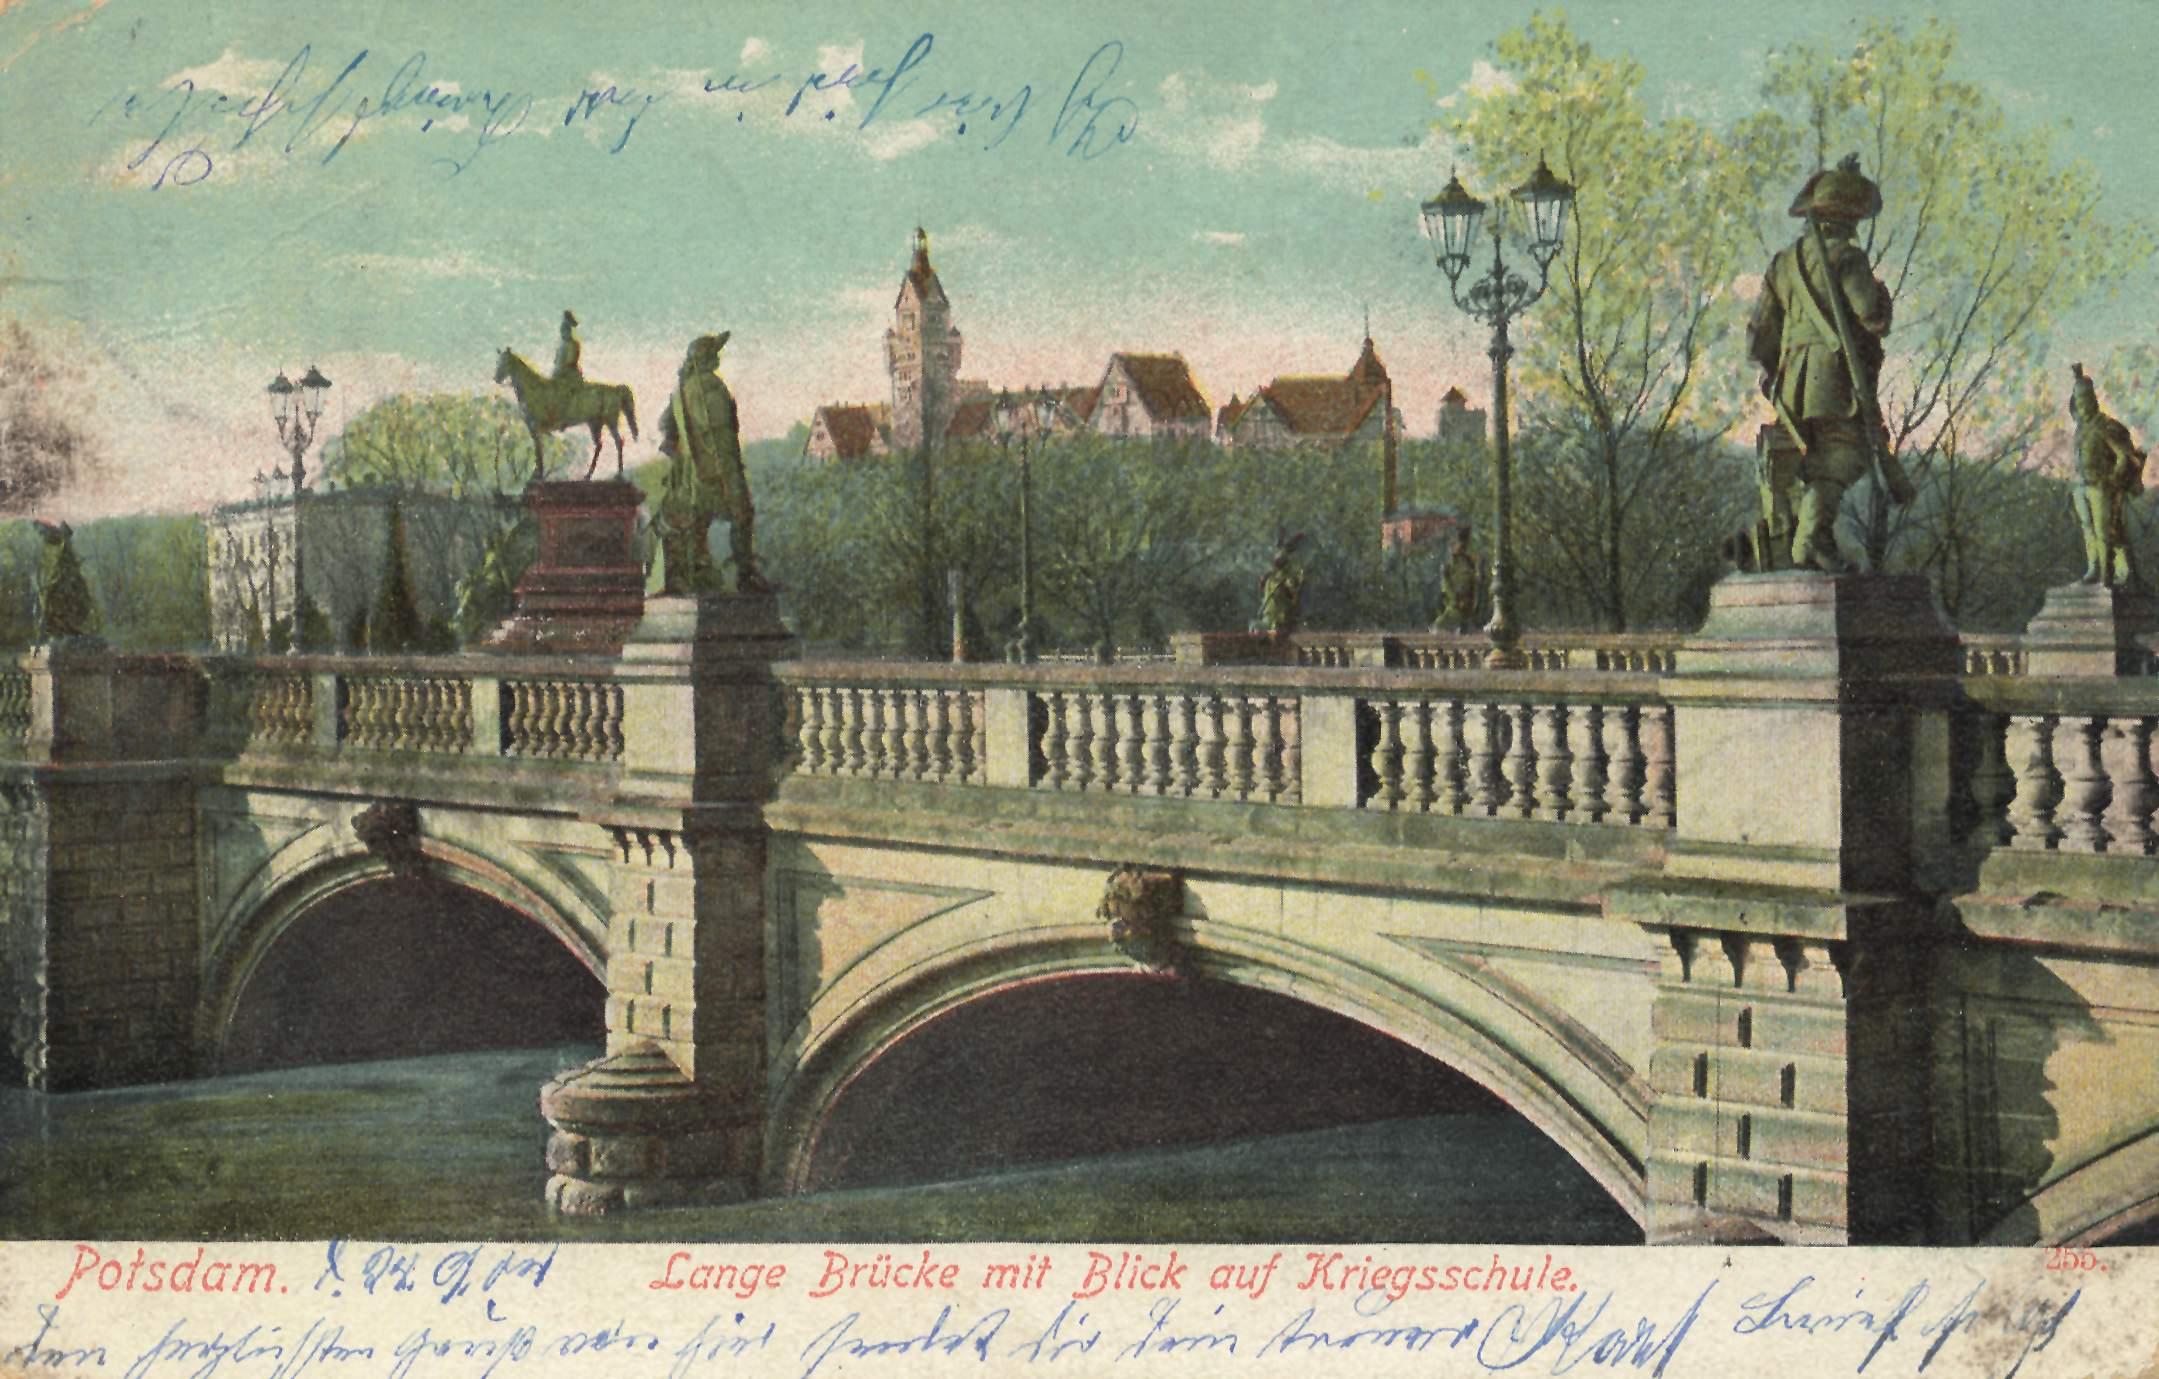 Potsdam, Brandenburg, Lange Brücke mit Blick auf ...